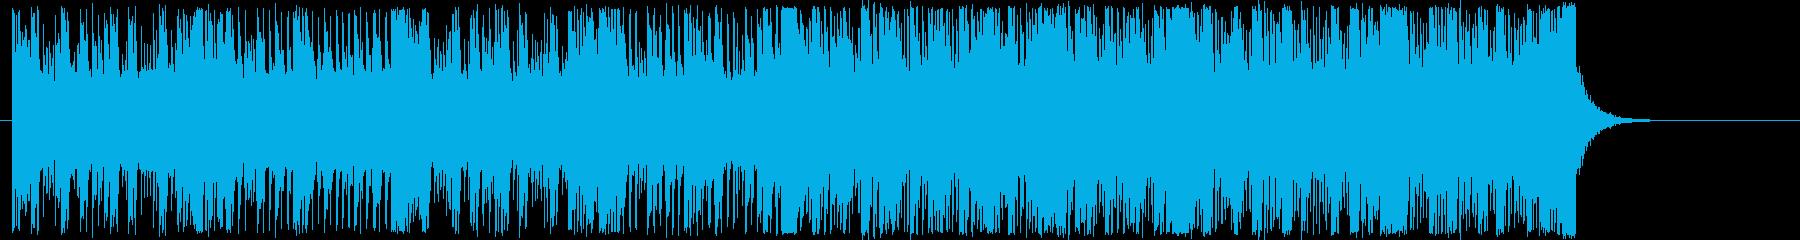 テクノサウンド。クール・神秘的・緊迫。の再生済みの波形